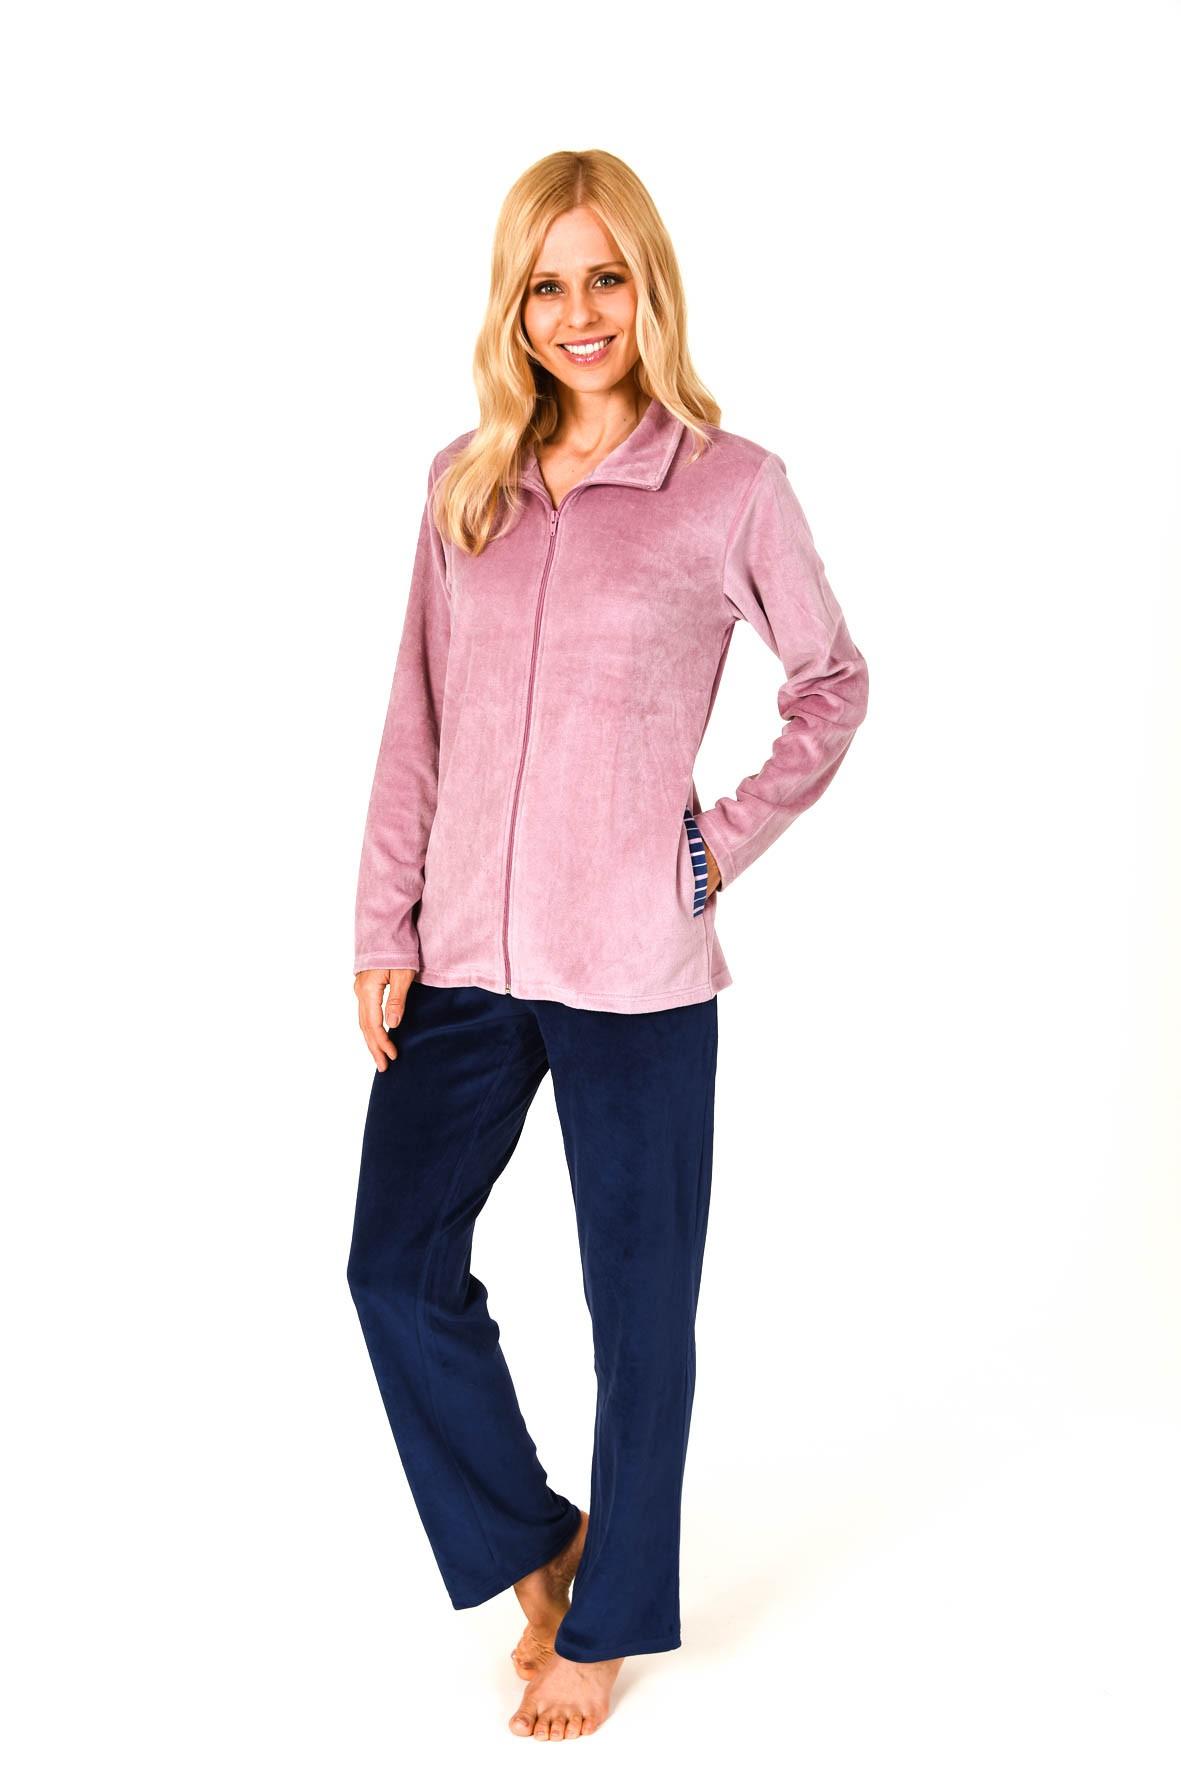 Damen Hausanzug  Homewear Nicky Velvet - 57678 – Bild 1